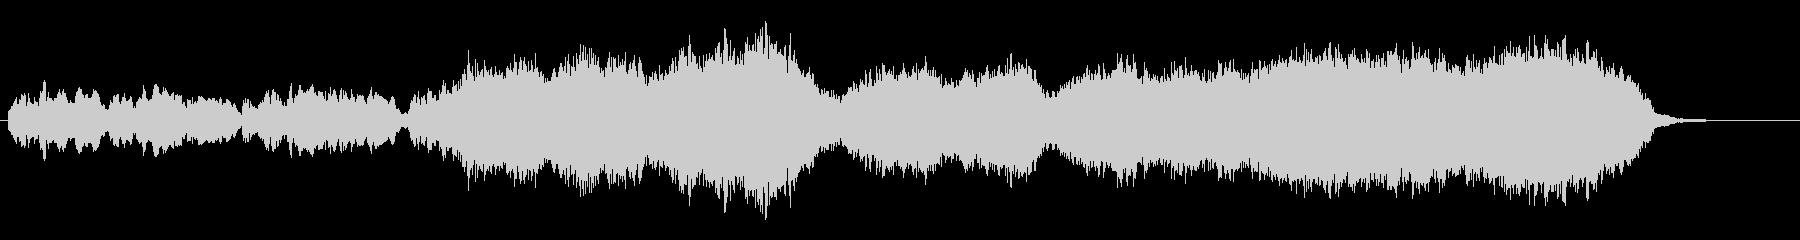 エピックなオーケストラ 分割04の未再生の波形